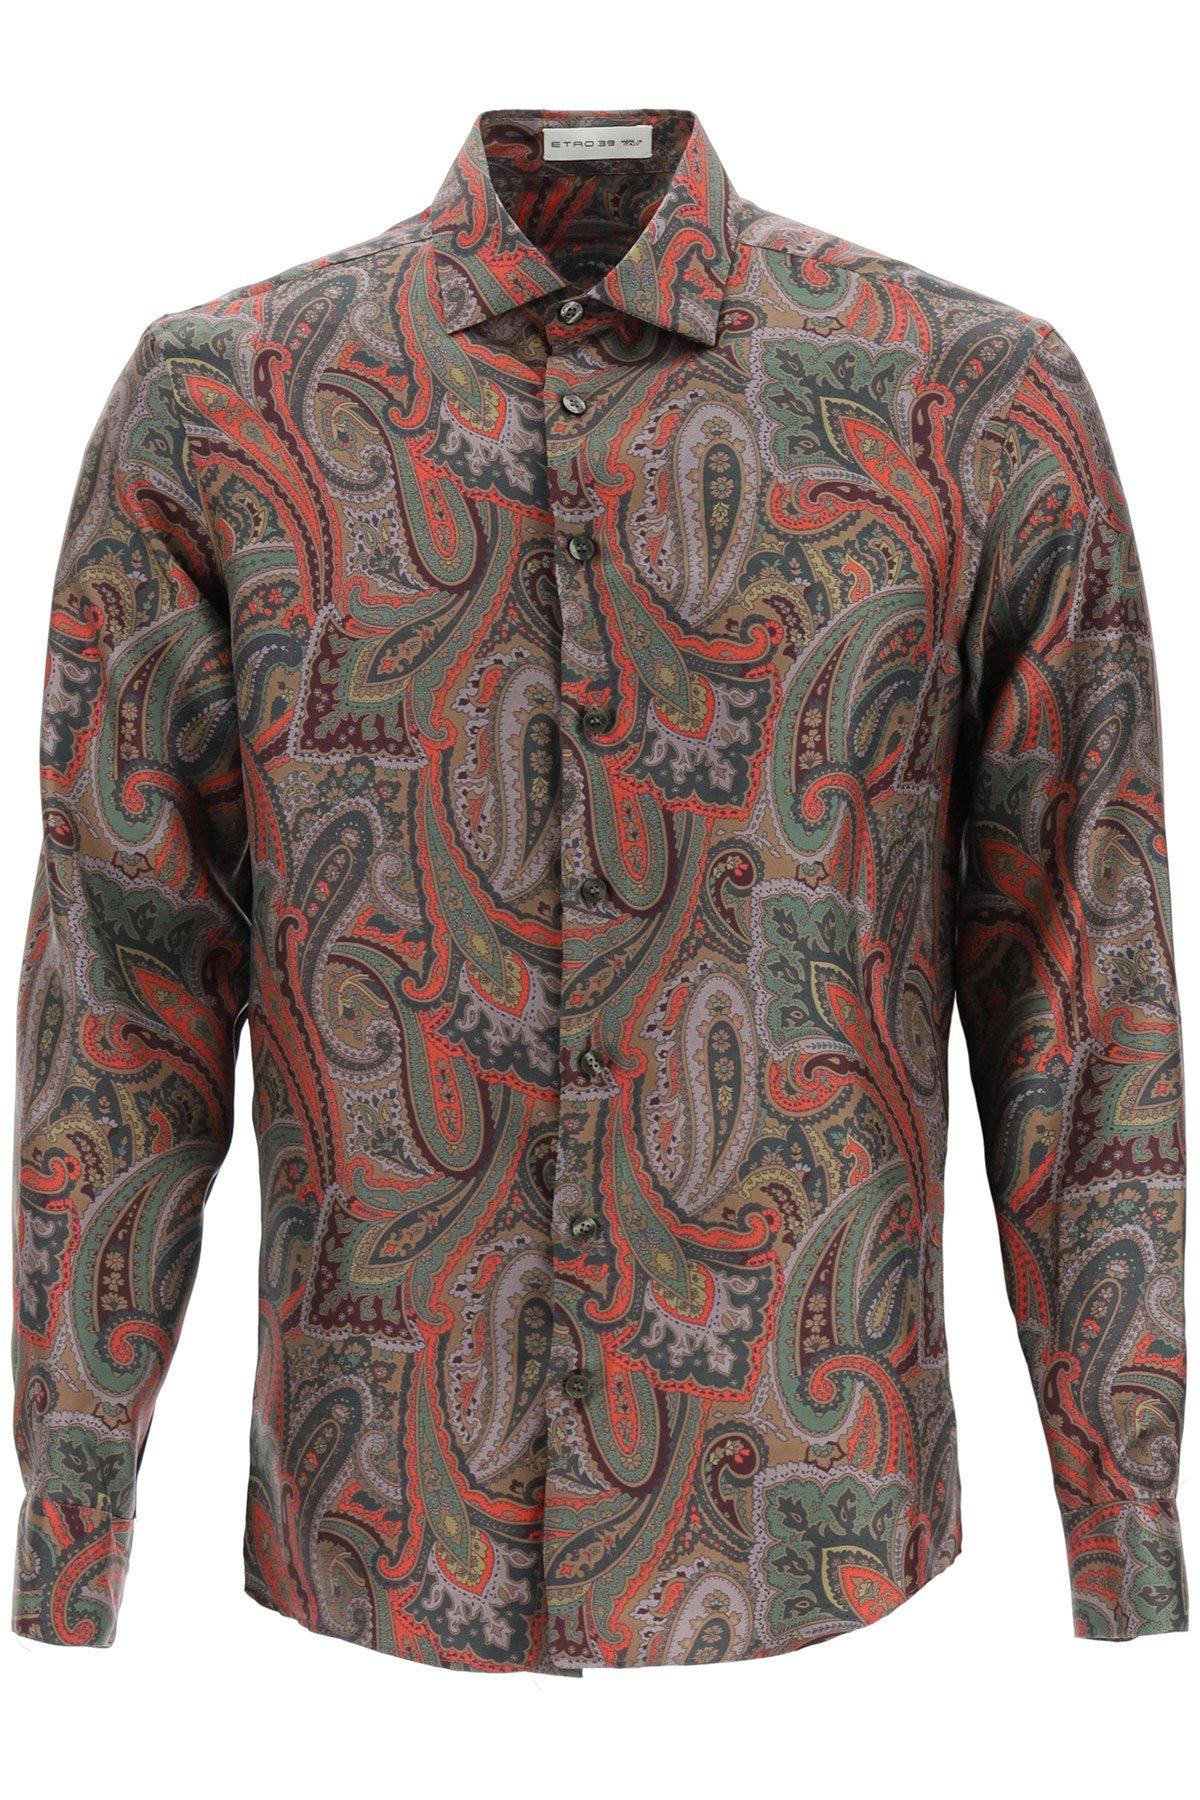 Etro camicia seta stampa paisley floreale